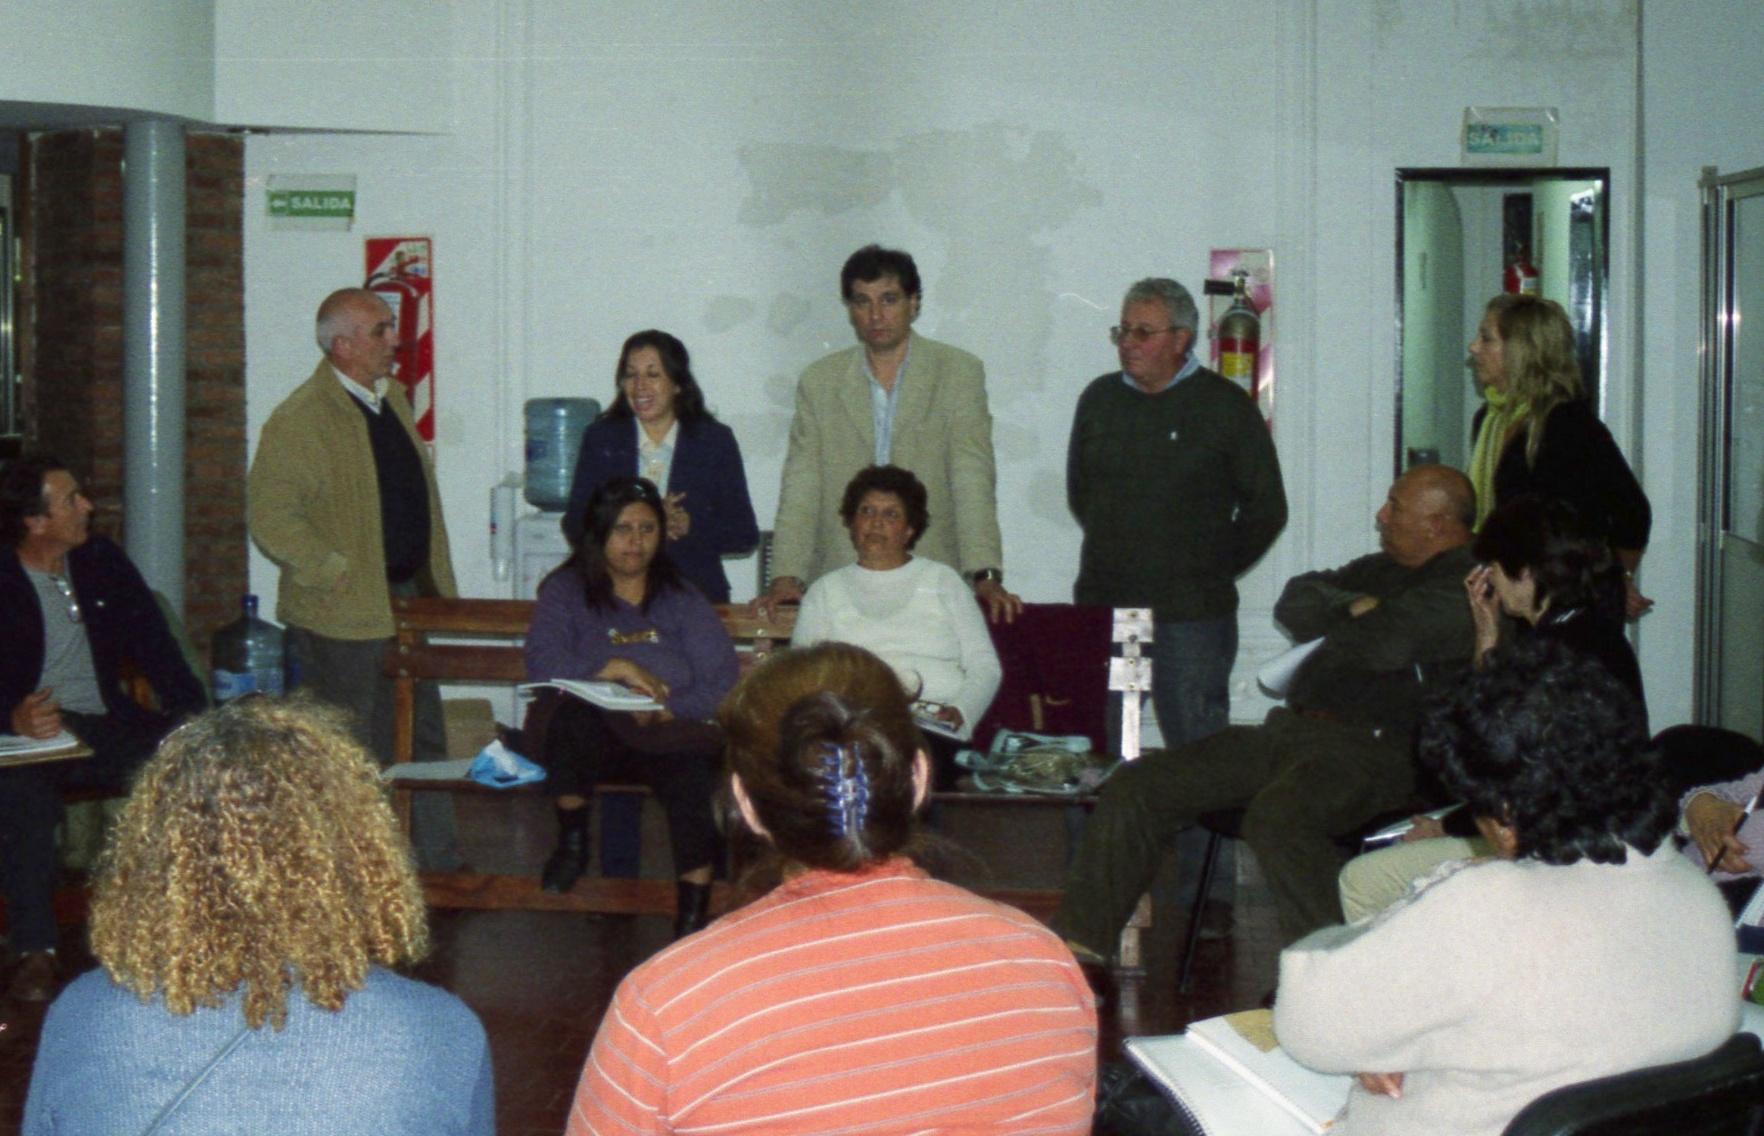 Daniel Gambino, Alejandra Nardi, Sonia Gatarri, Antonio Grandoni y Horacio Fabeiro, se reunieron con Lideres Barriales y Agentes Sociales